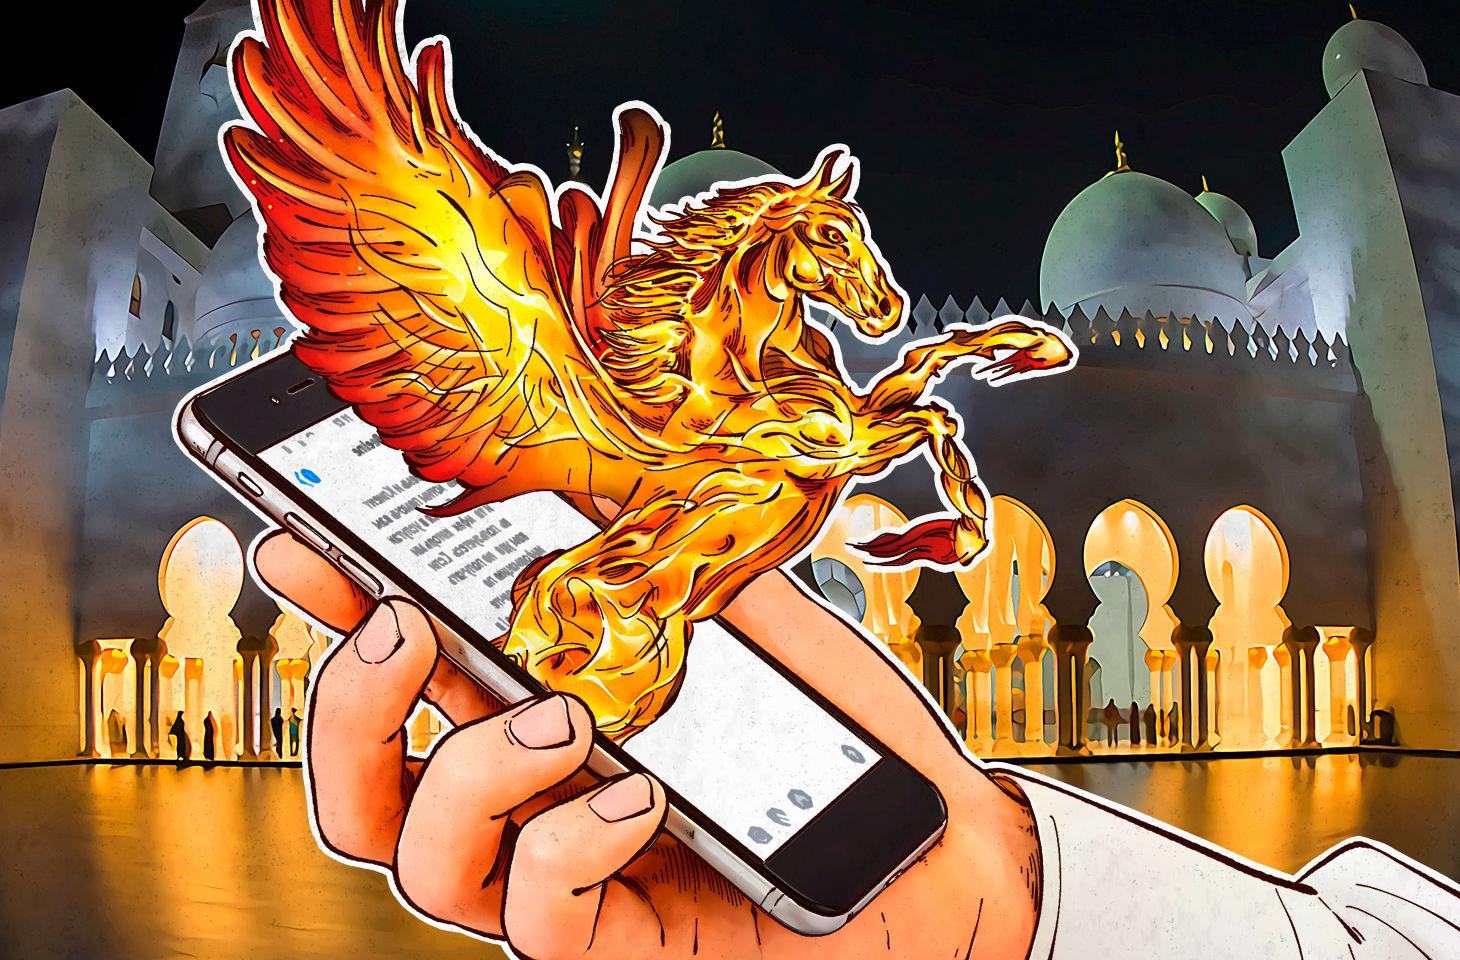 Pegaus, Apple ha rimosso gli exploit abusati dal controverso spyware